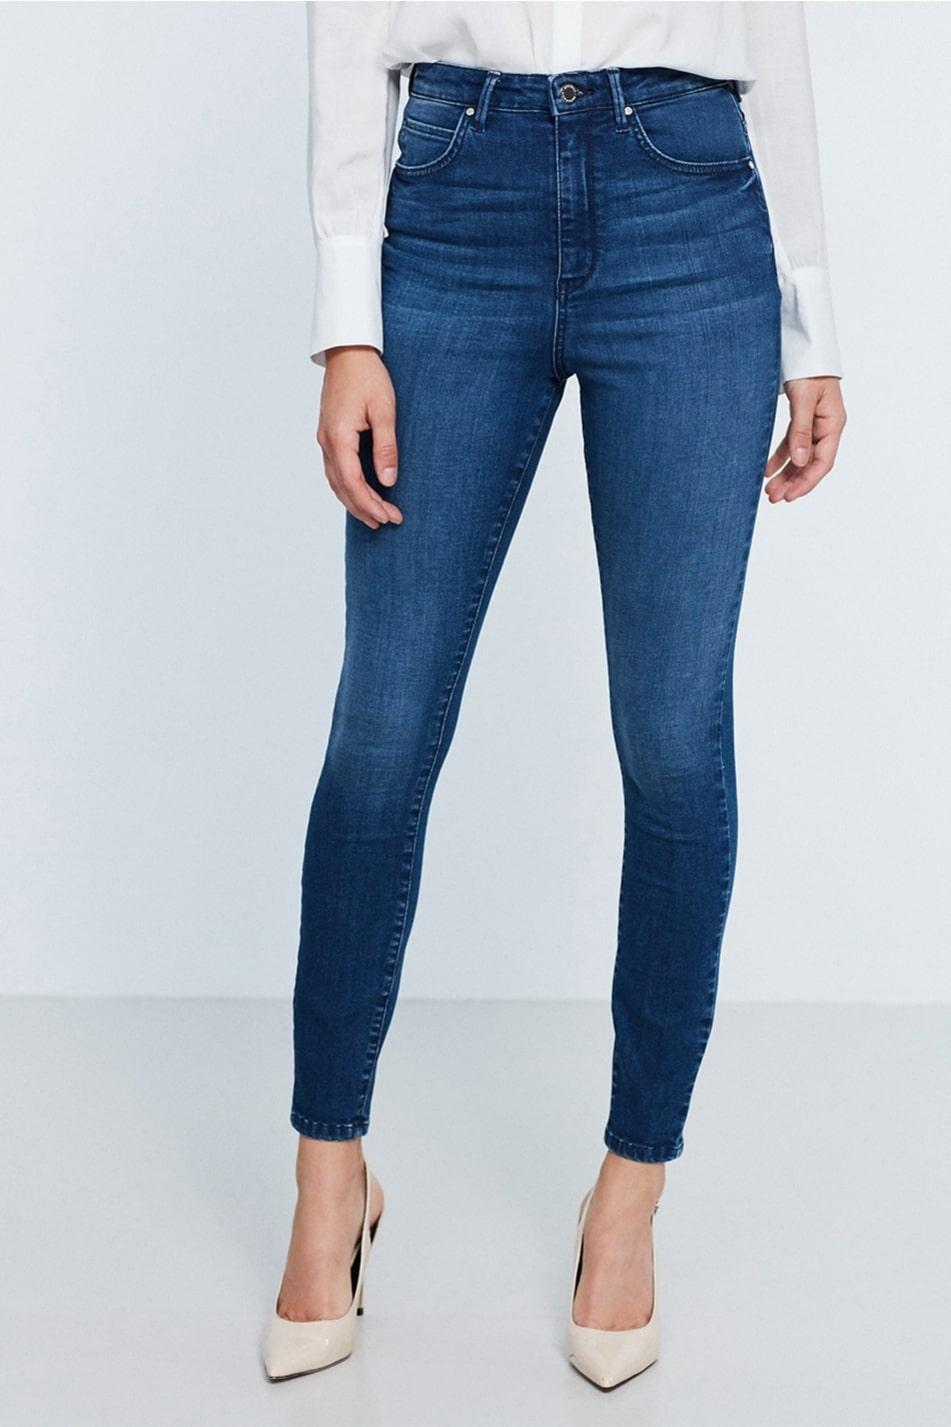 Extra stretch runt höfterna.  Gina curve är av femficksmodell och har smal passform ända ner till ankeln. Jeans med hög midja i en stretchig modell med extra stretch runt höfterna, 499 kronor, Gina Tricot.